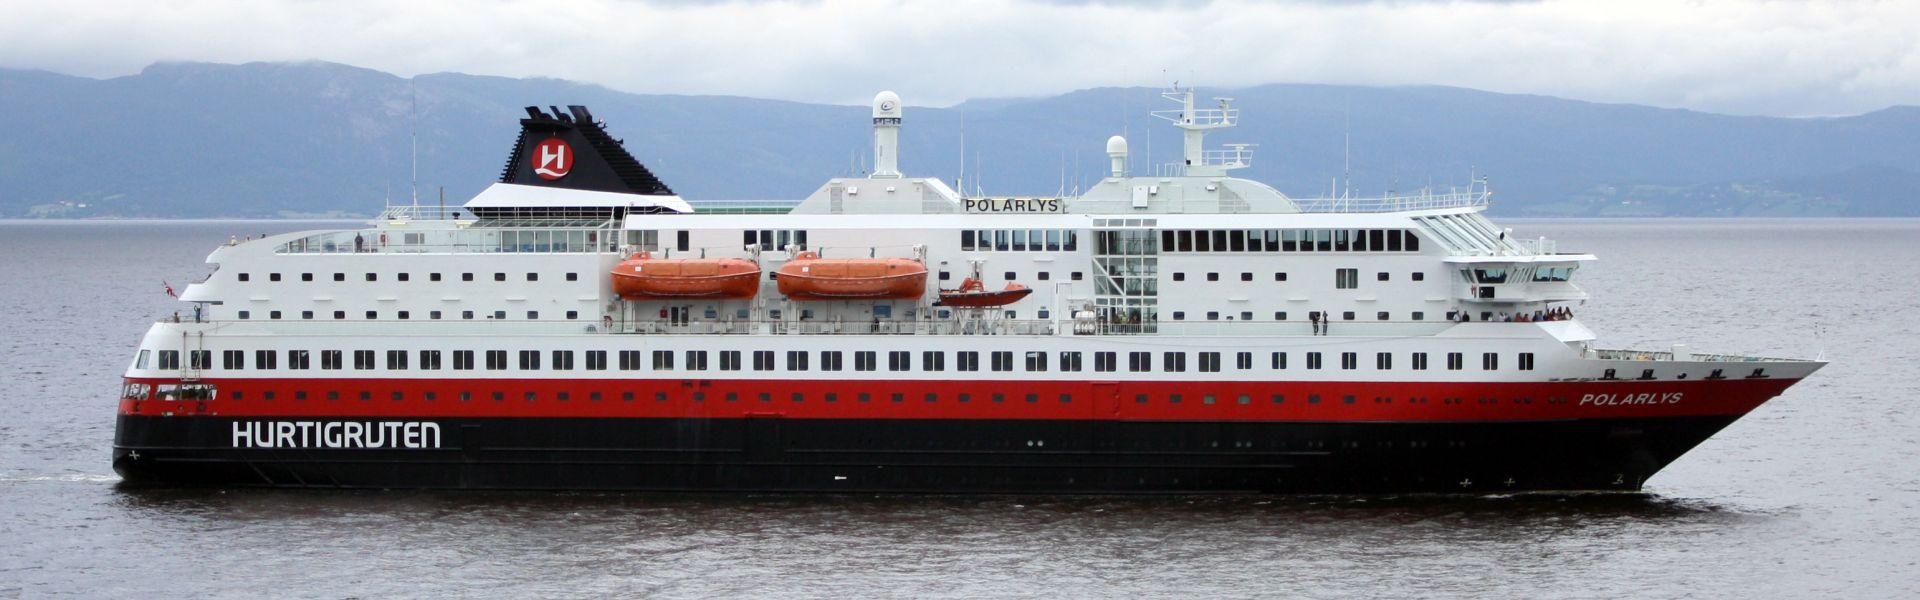 Croaziera 2017 - Scandinavia si Fiordurile Norvegiene (Bergen) - Hurtigruten - MS Polarlys - 11 nopti